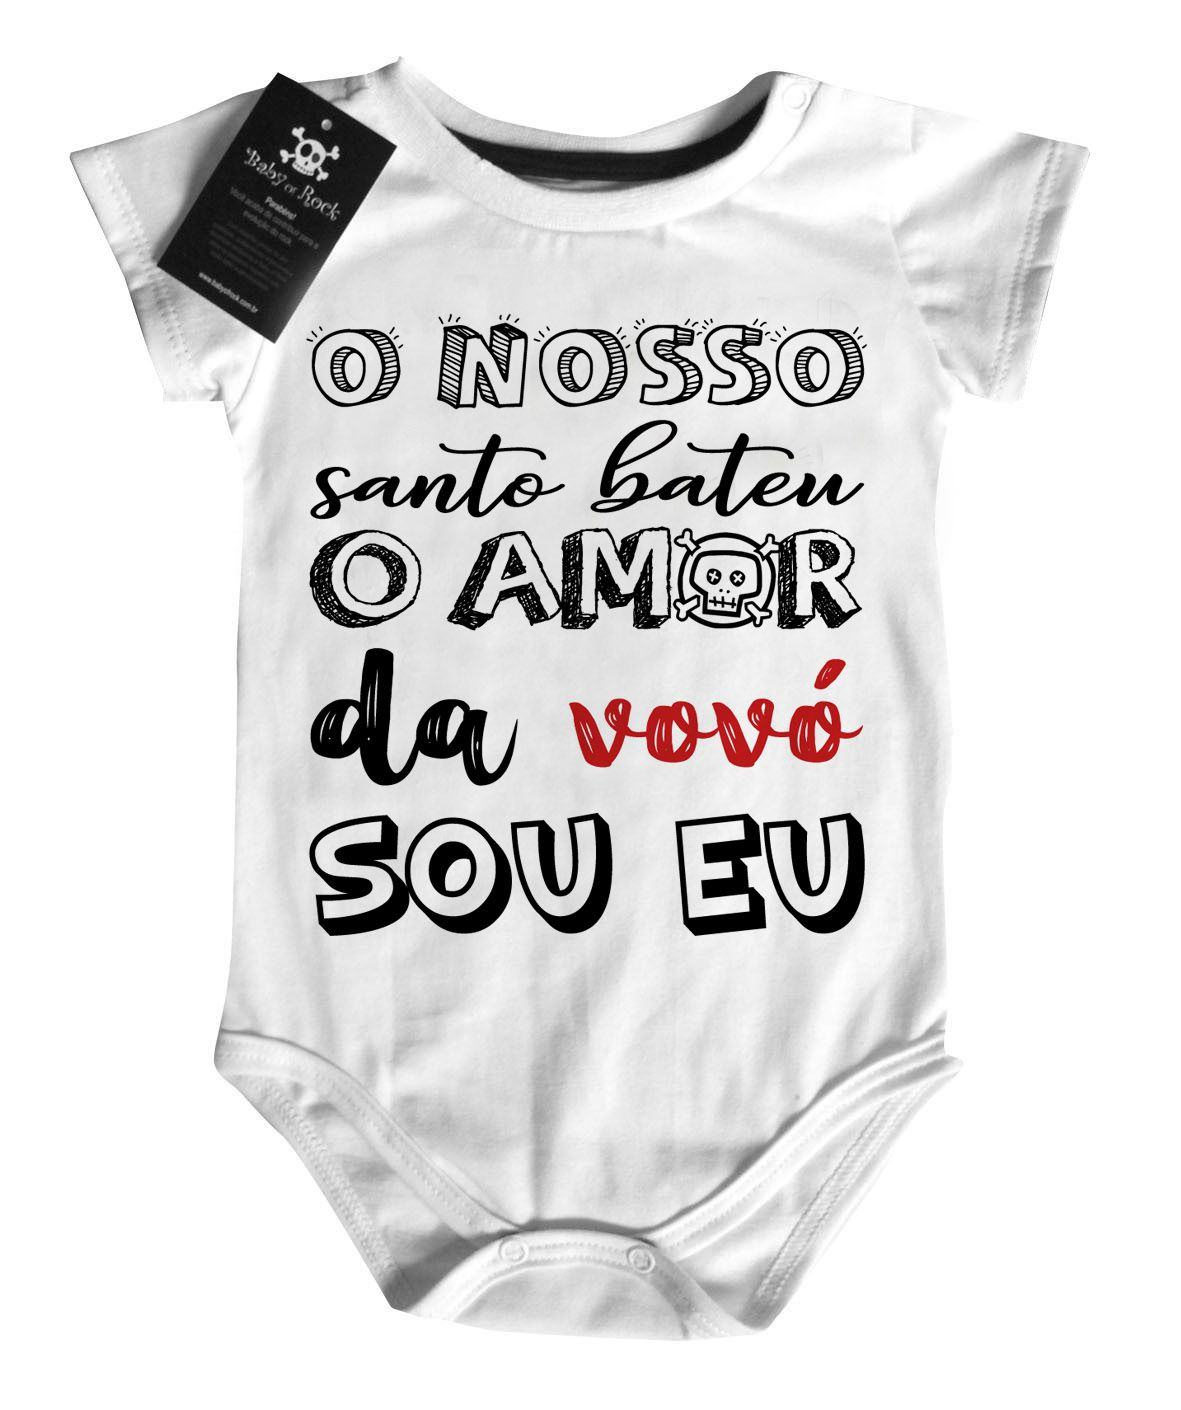 Body Baby Rock - Amor da Vovó - White  - Baby Monster S/A